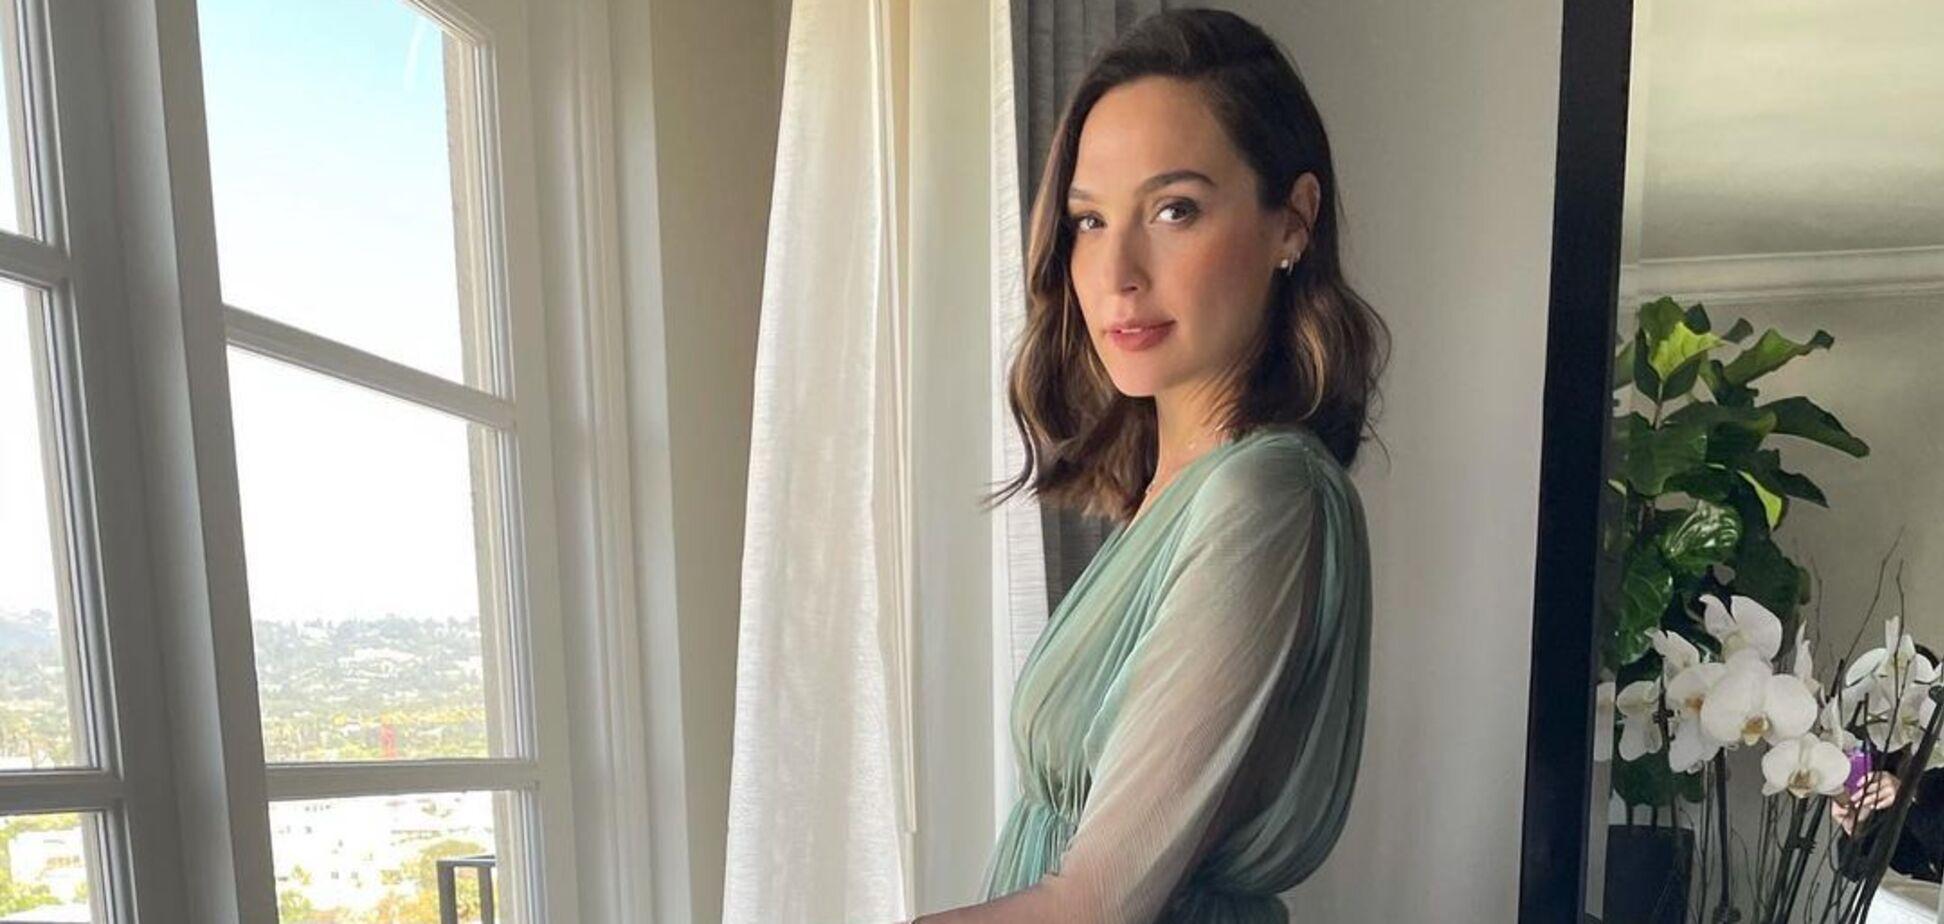 Звезда 'Чудо-женщины' Галь Гадот стала мамой в третий раз. Фото